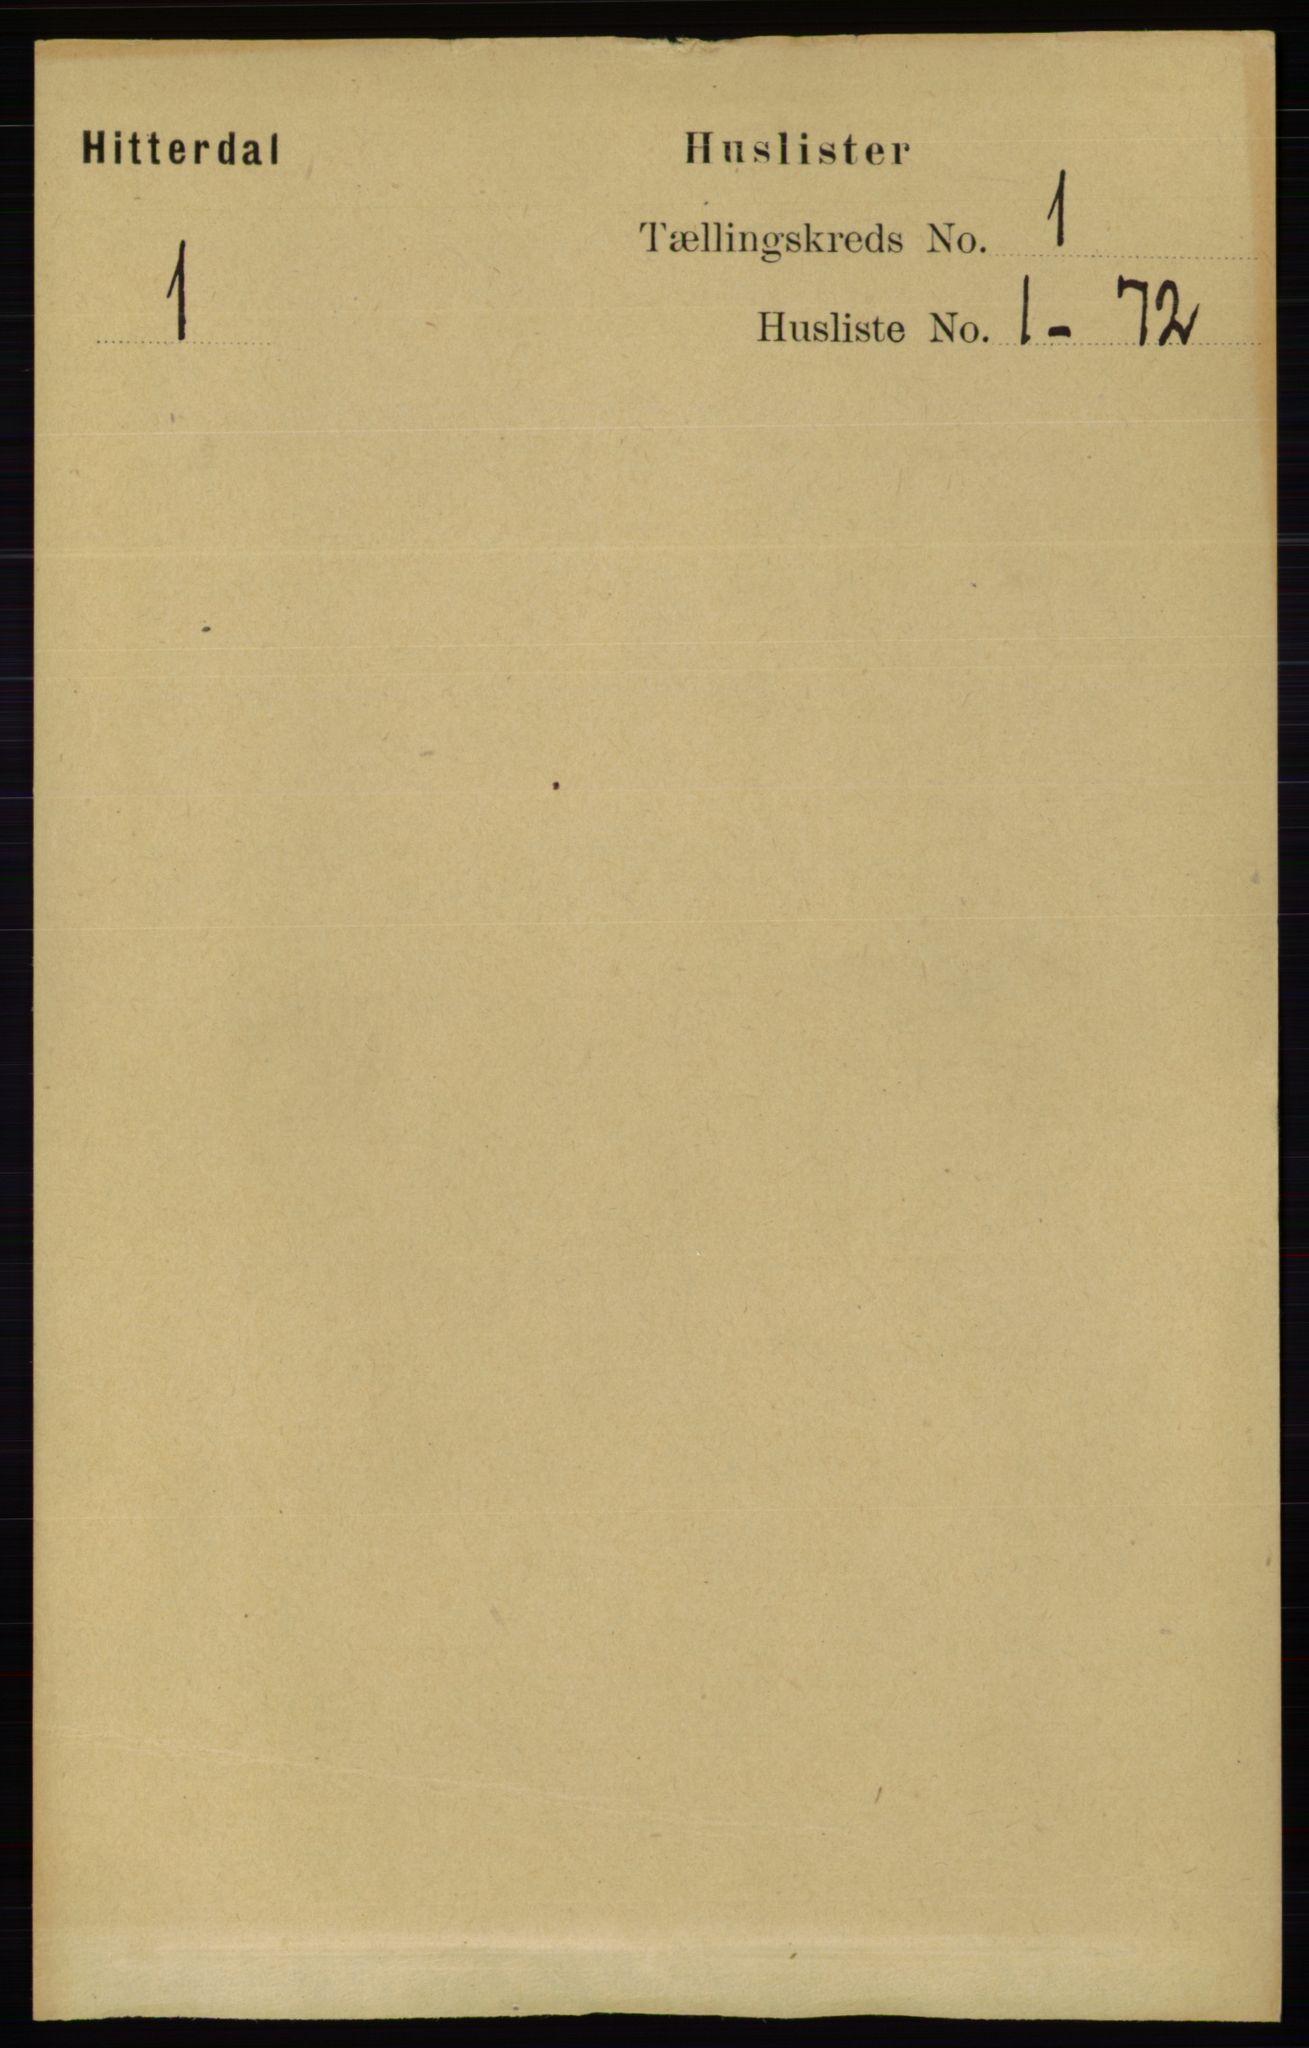 RA, Folketelling 1891 for 0823 Heddal herred, 1891, s. 25